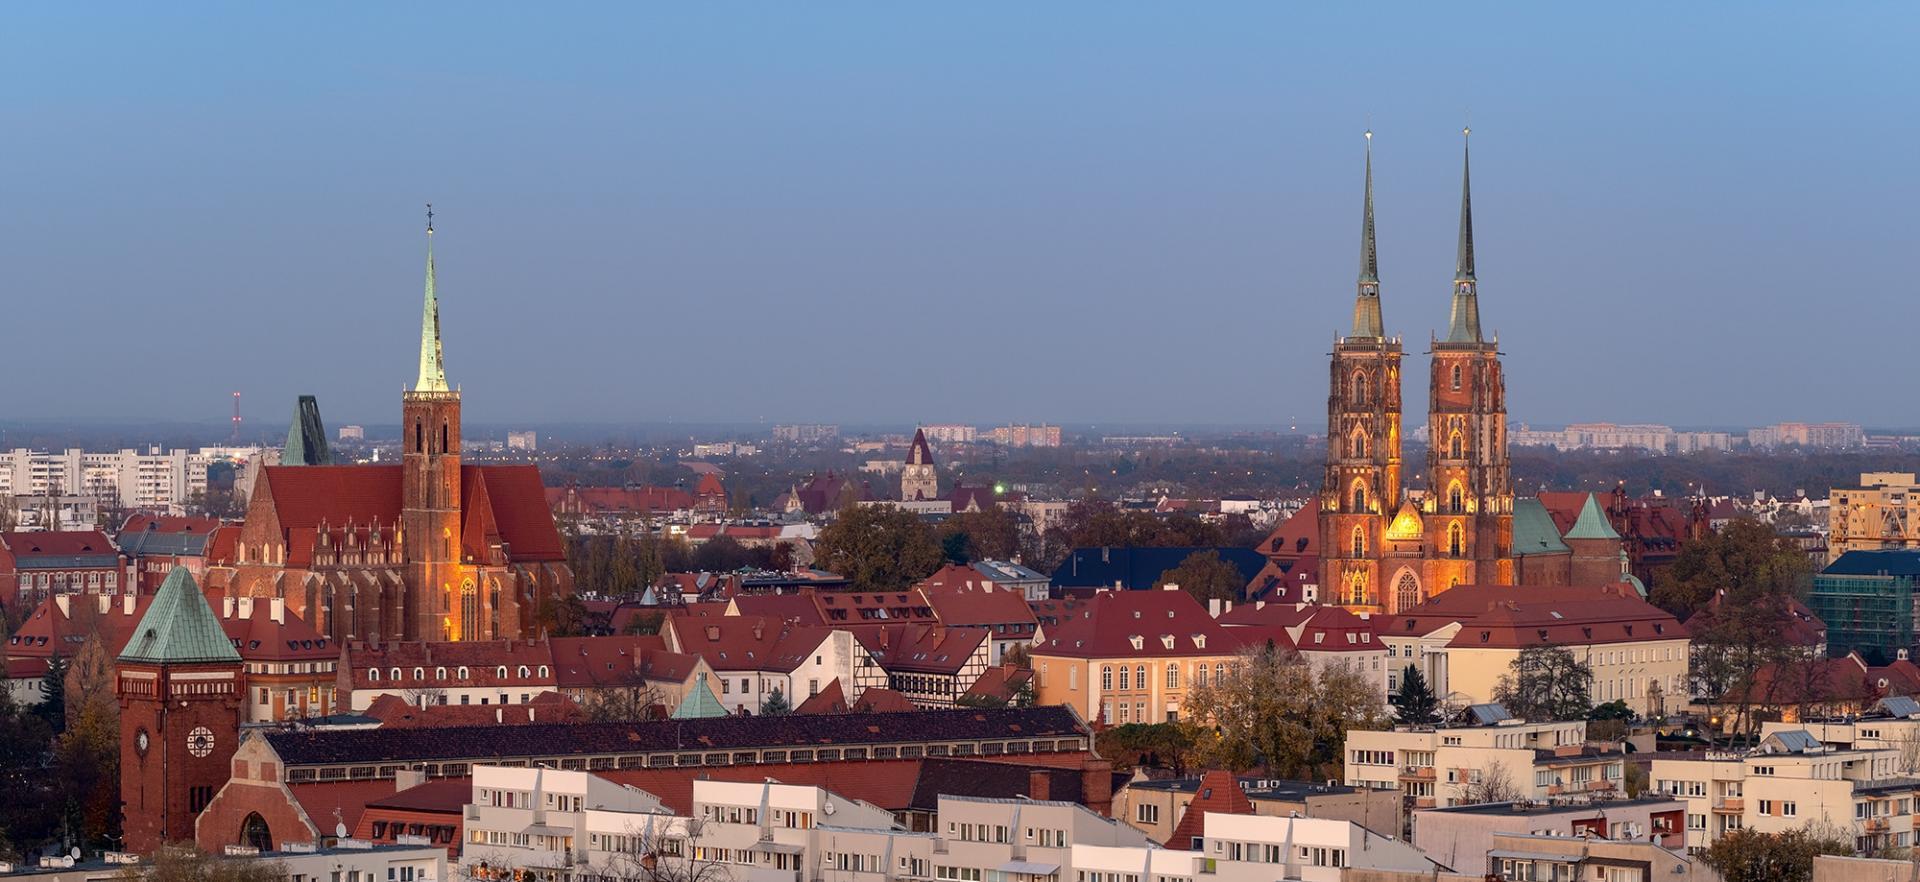 Wrocławskie kościoły na Ostrowie Tumskim widdziane z góry.